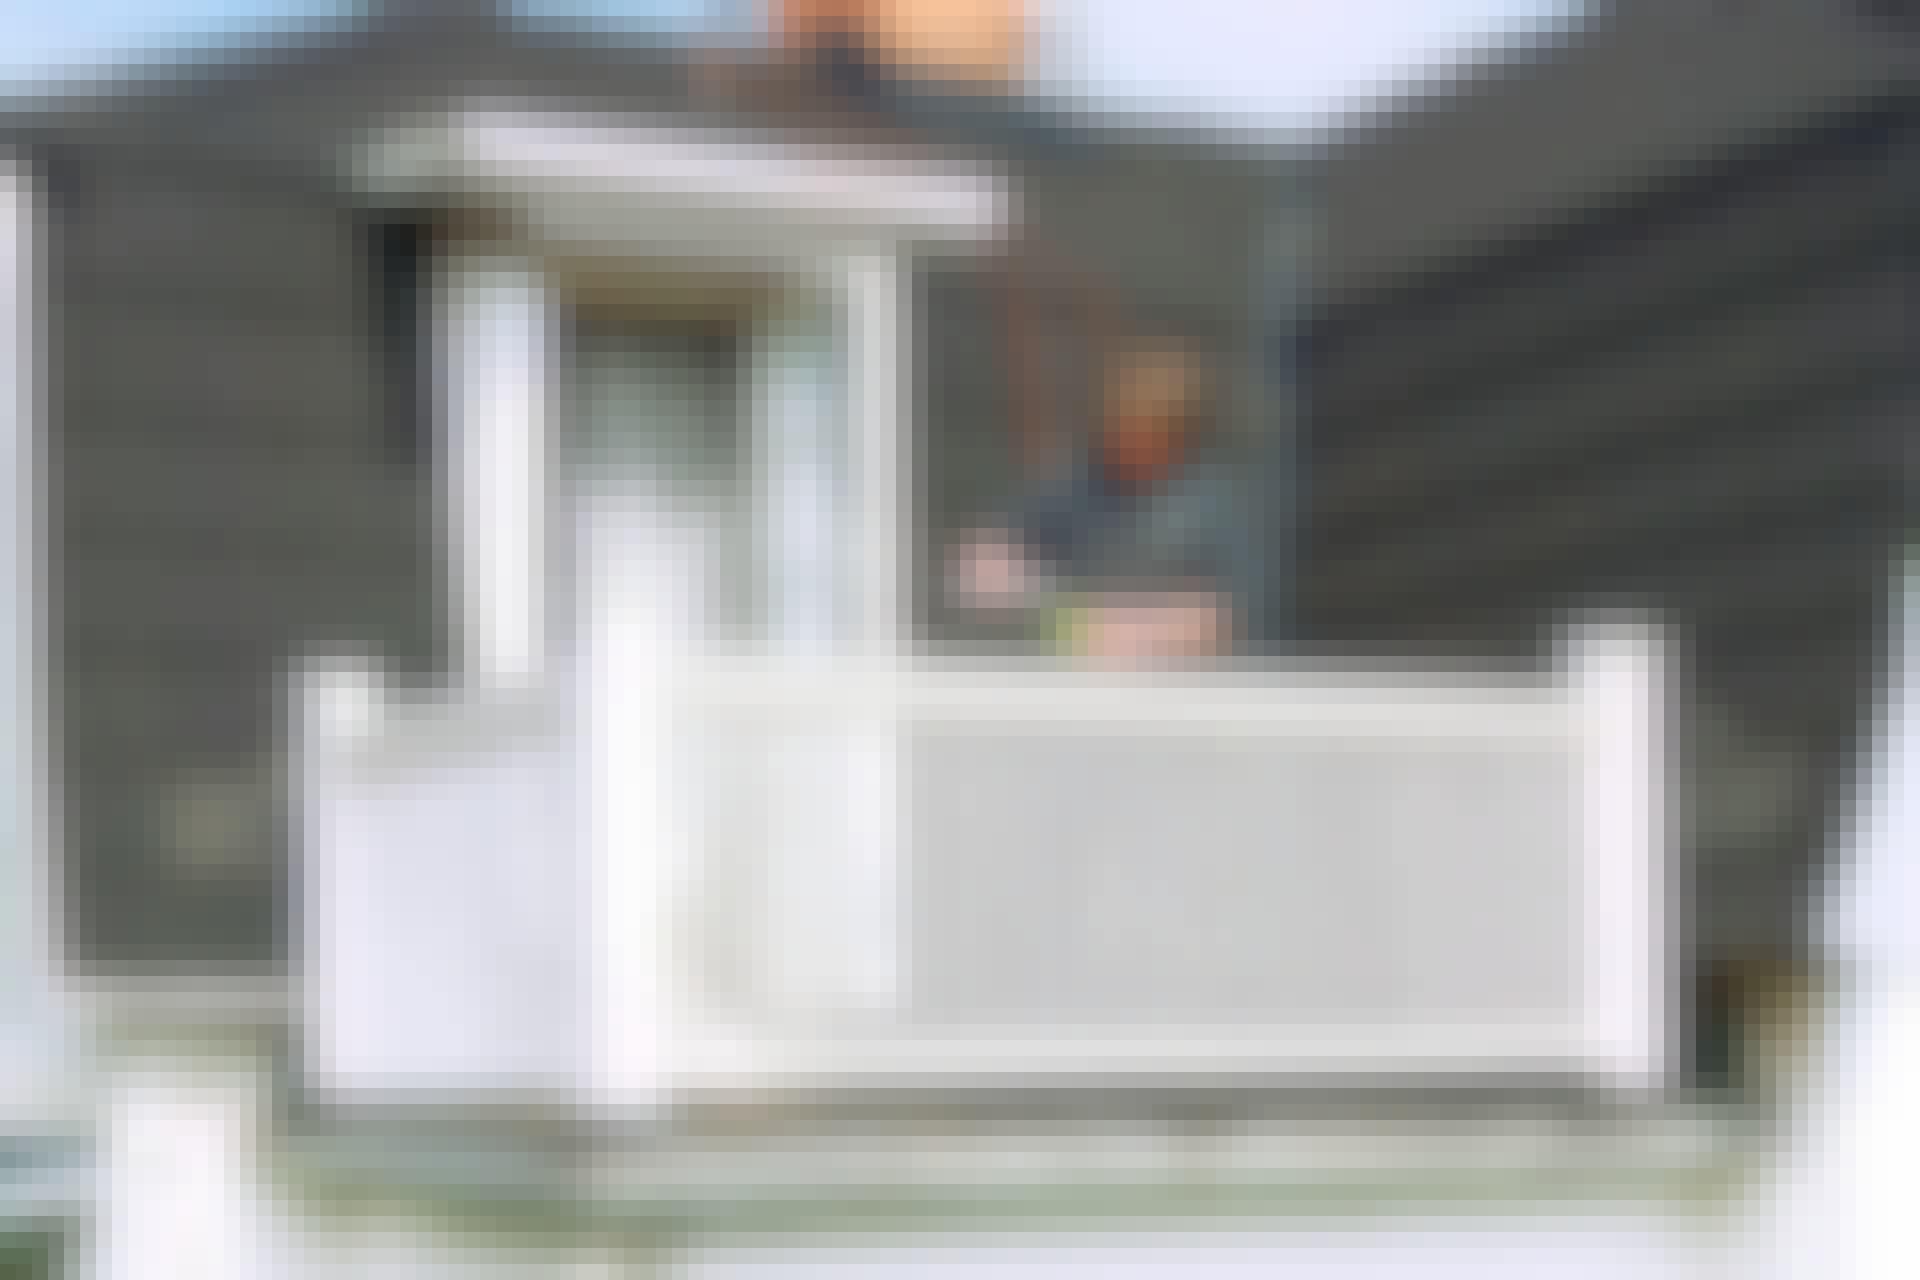 Rekkverk: Dette skal du vite når du bygger rekkverk til terrassen